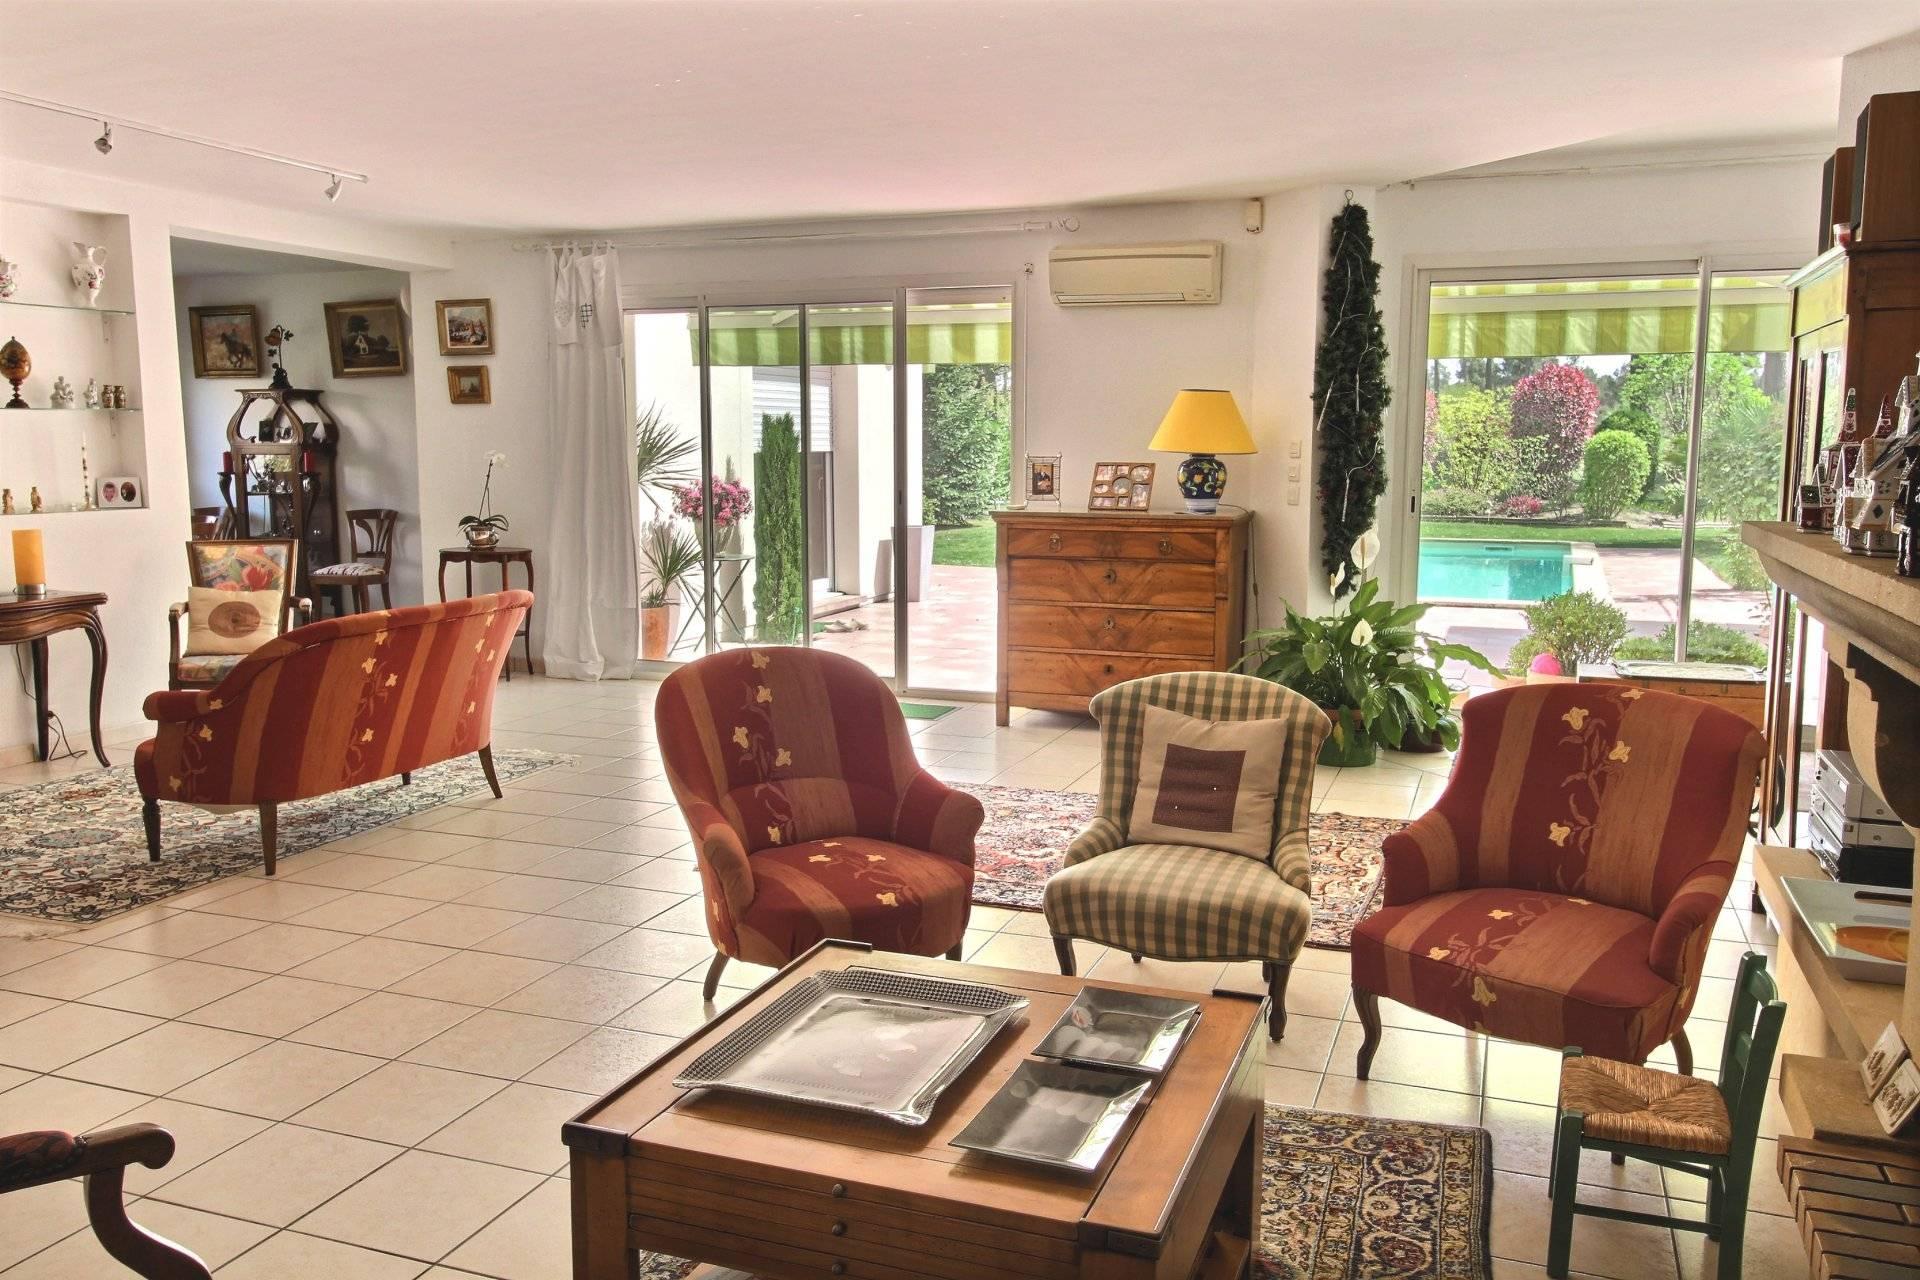 Vente maison contemporaine avec piscine golf Bassin d'Arcachon